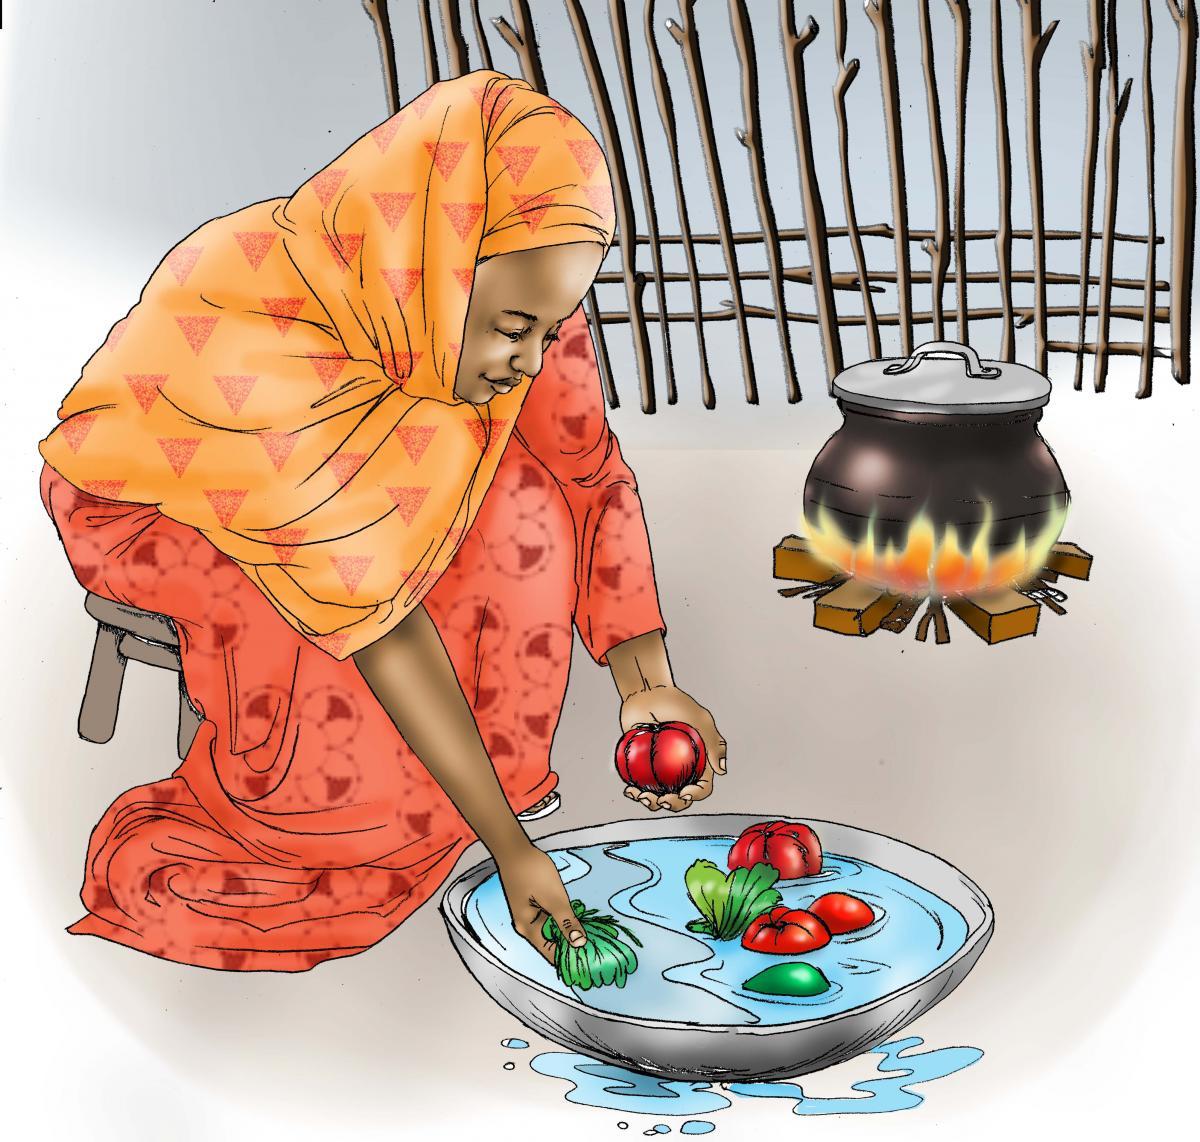 Food practices - Preparing vegetables - 00 - Kenya Dadaab